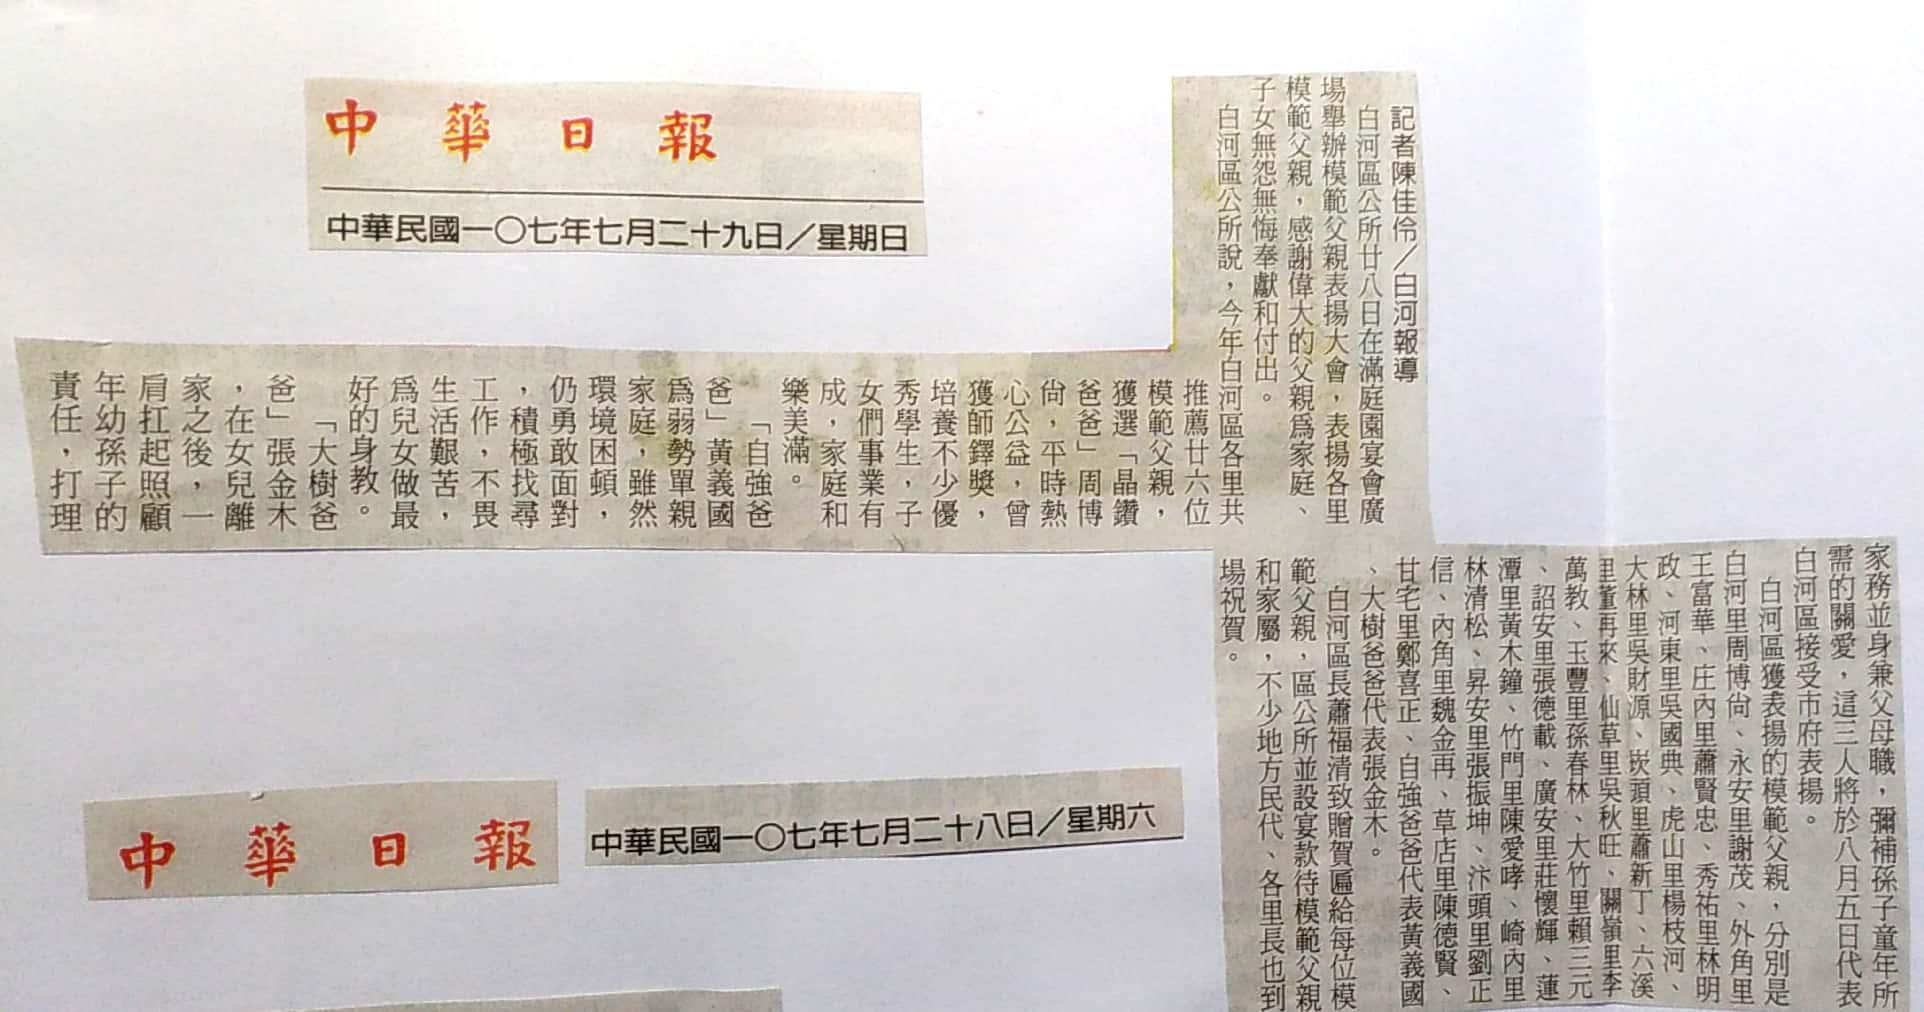 中華日報蓮花季報導